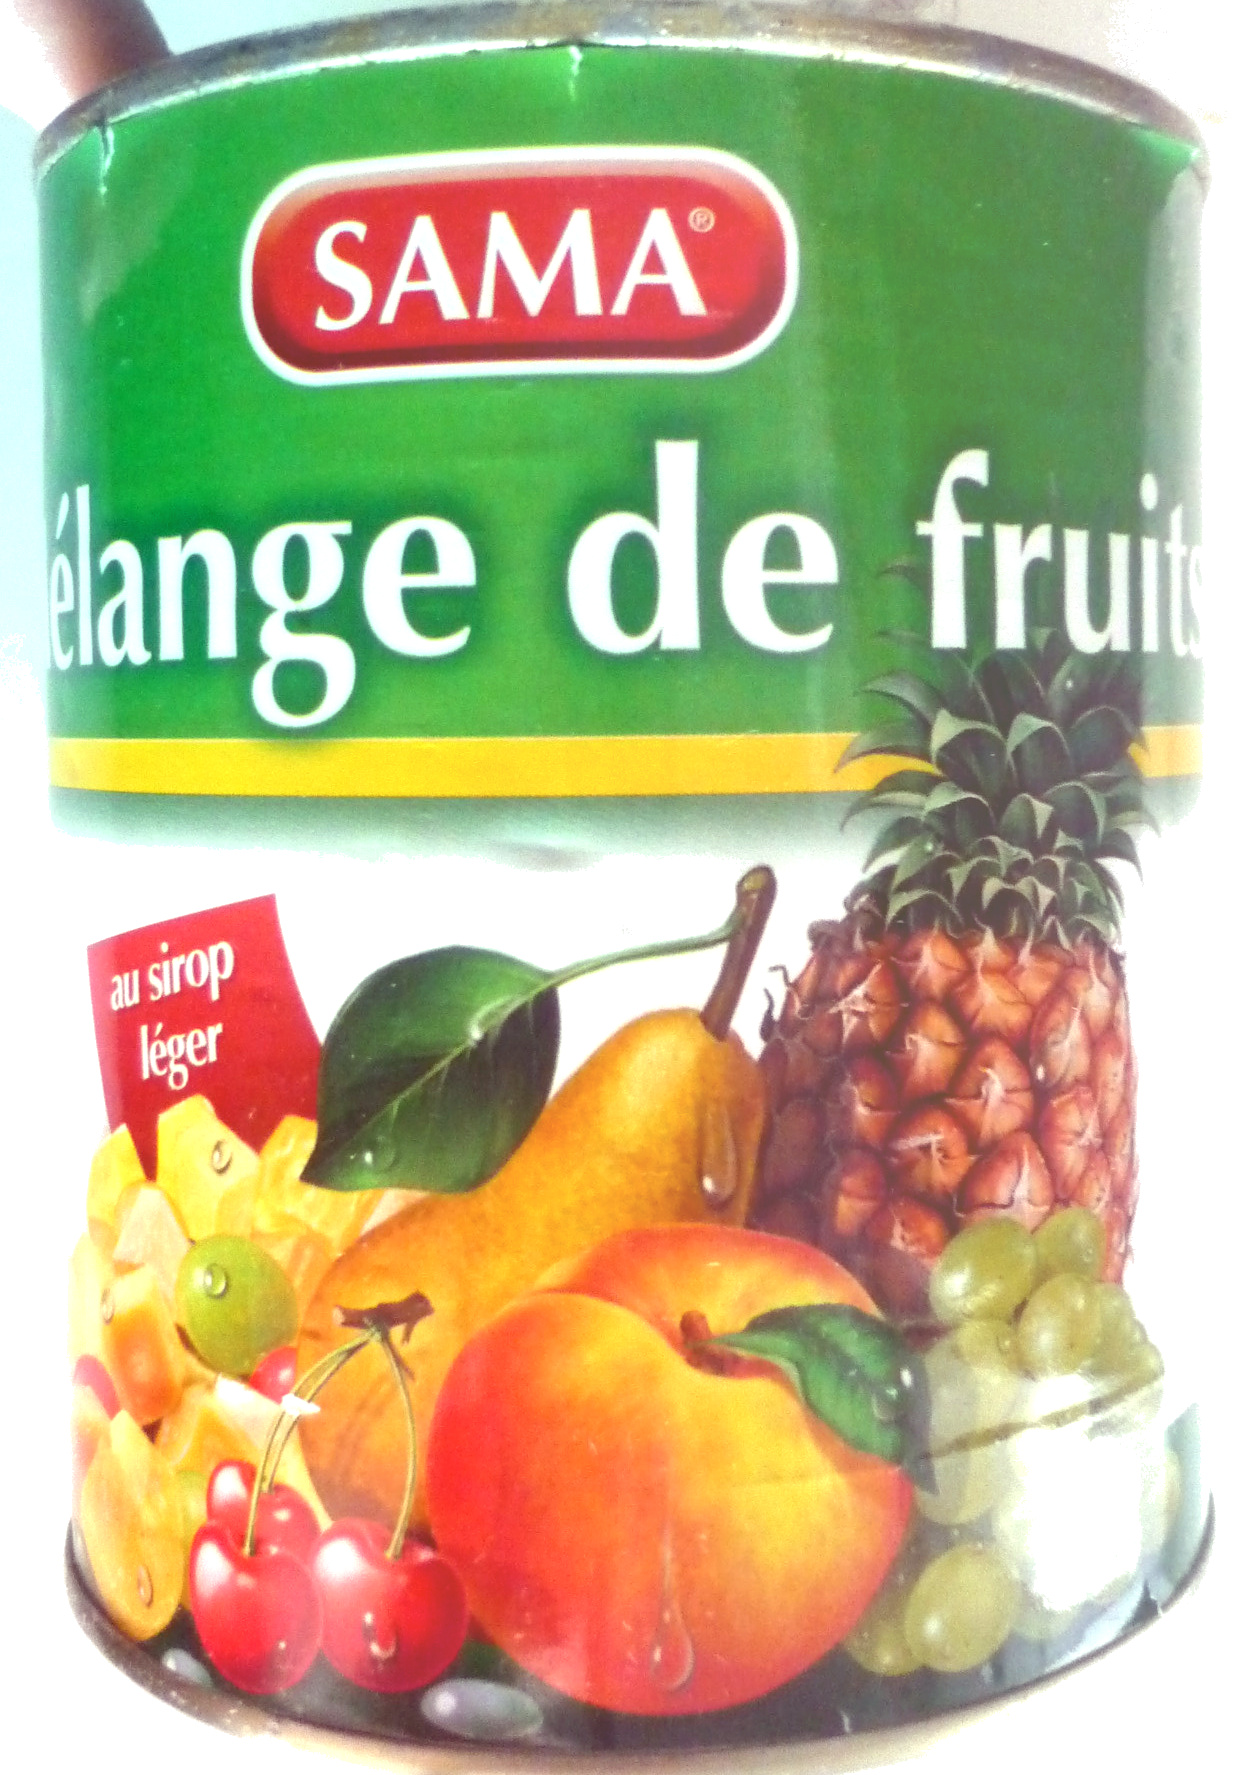 M lange de fruits au sirop l ger sama 820 g - Fruits au sirop maison ...